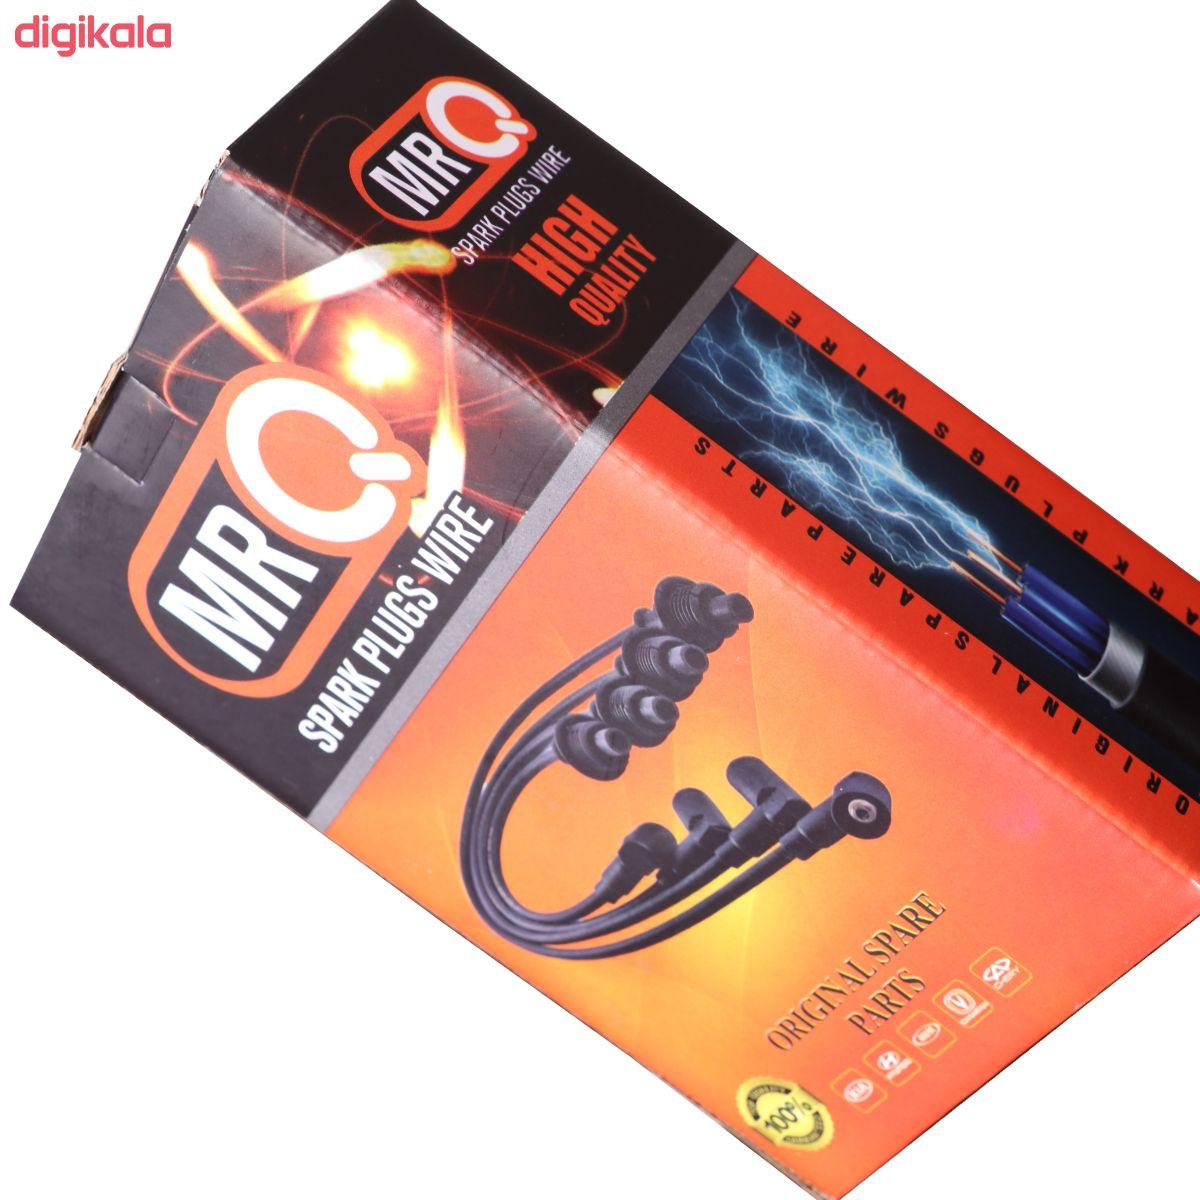 وایر شمع خودرو مستر کیو مدل 456erty مناسب برای پژو 405 بسته 4 عددی main 1 3